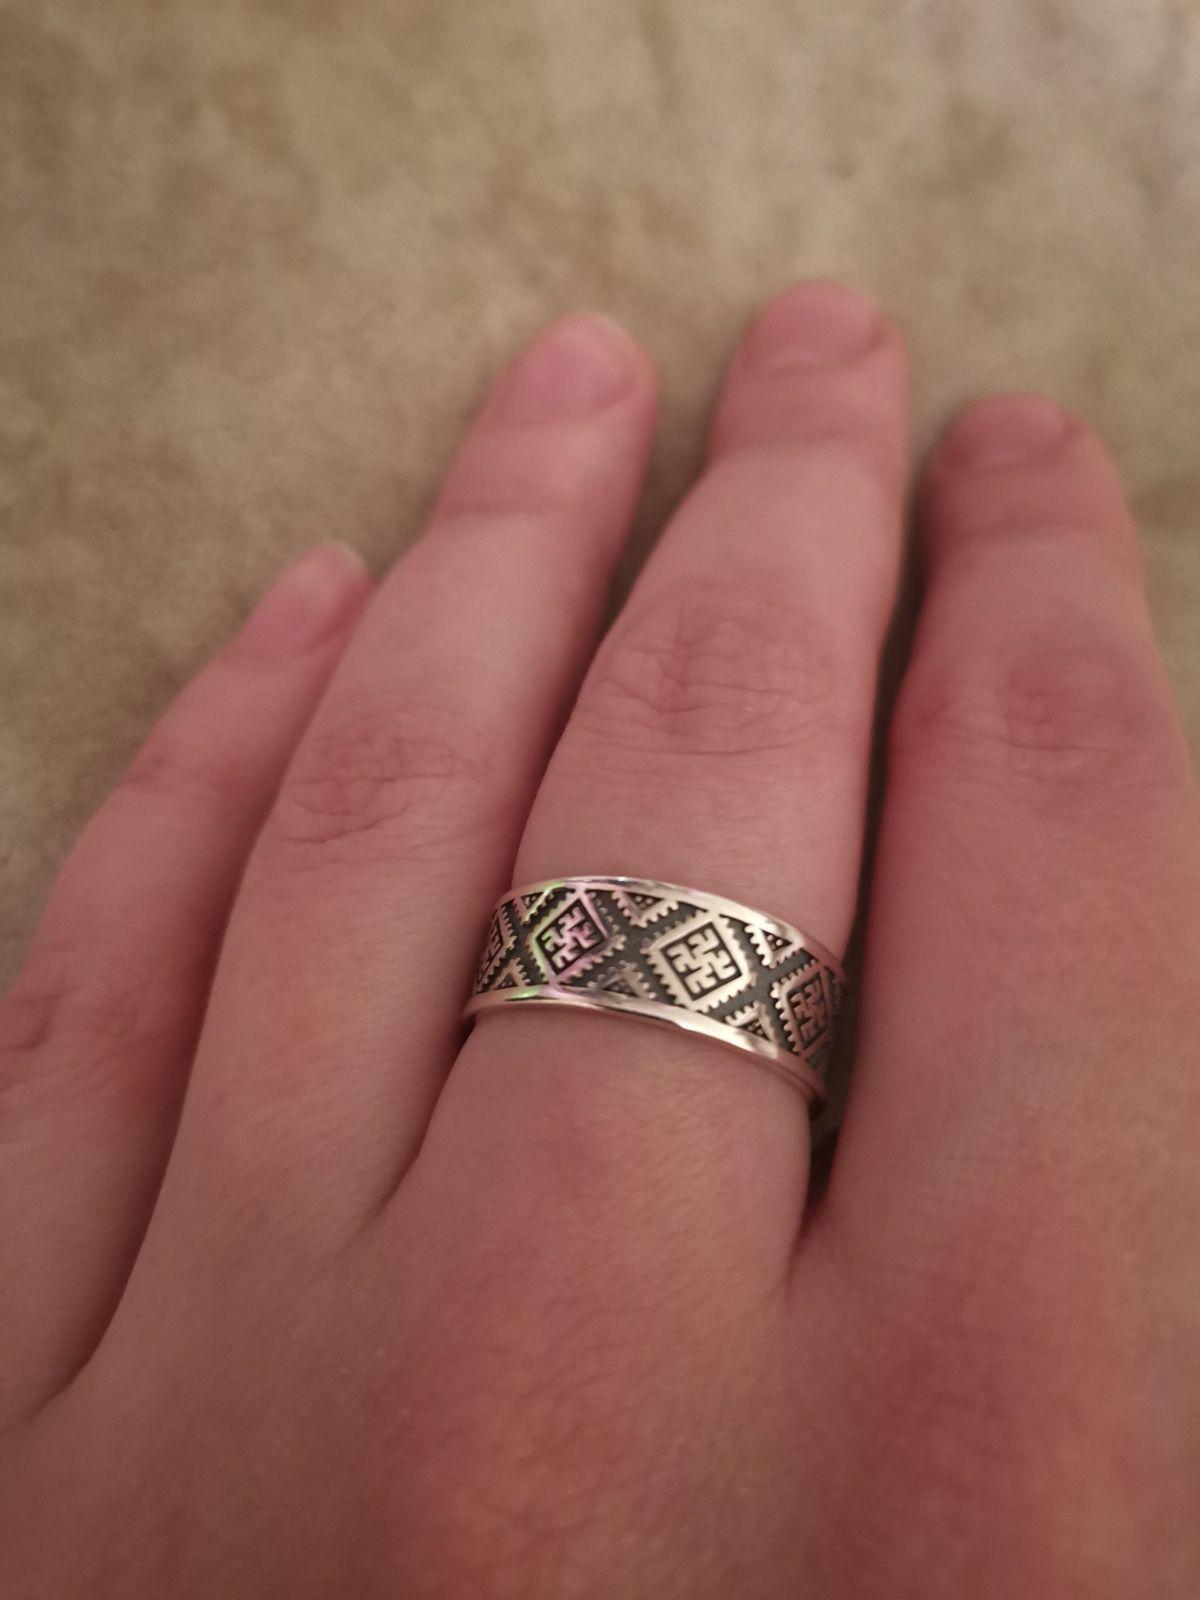 Давно искала кольцо с символом одолень-трава!